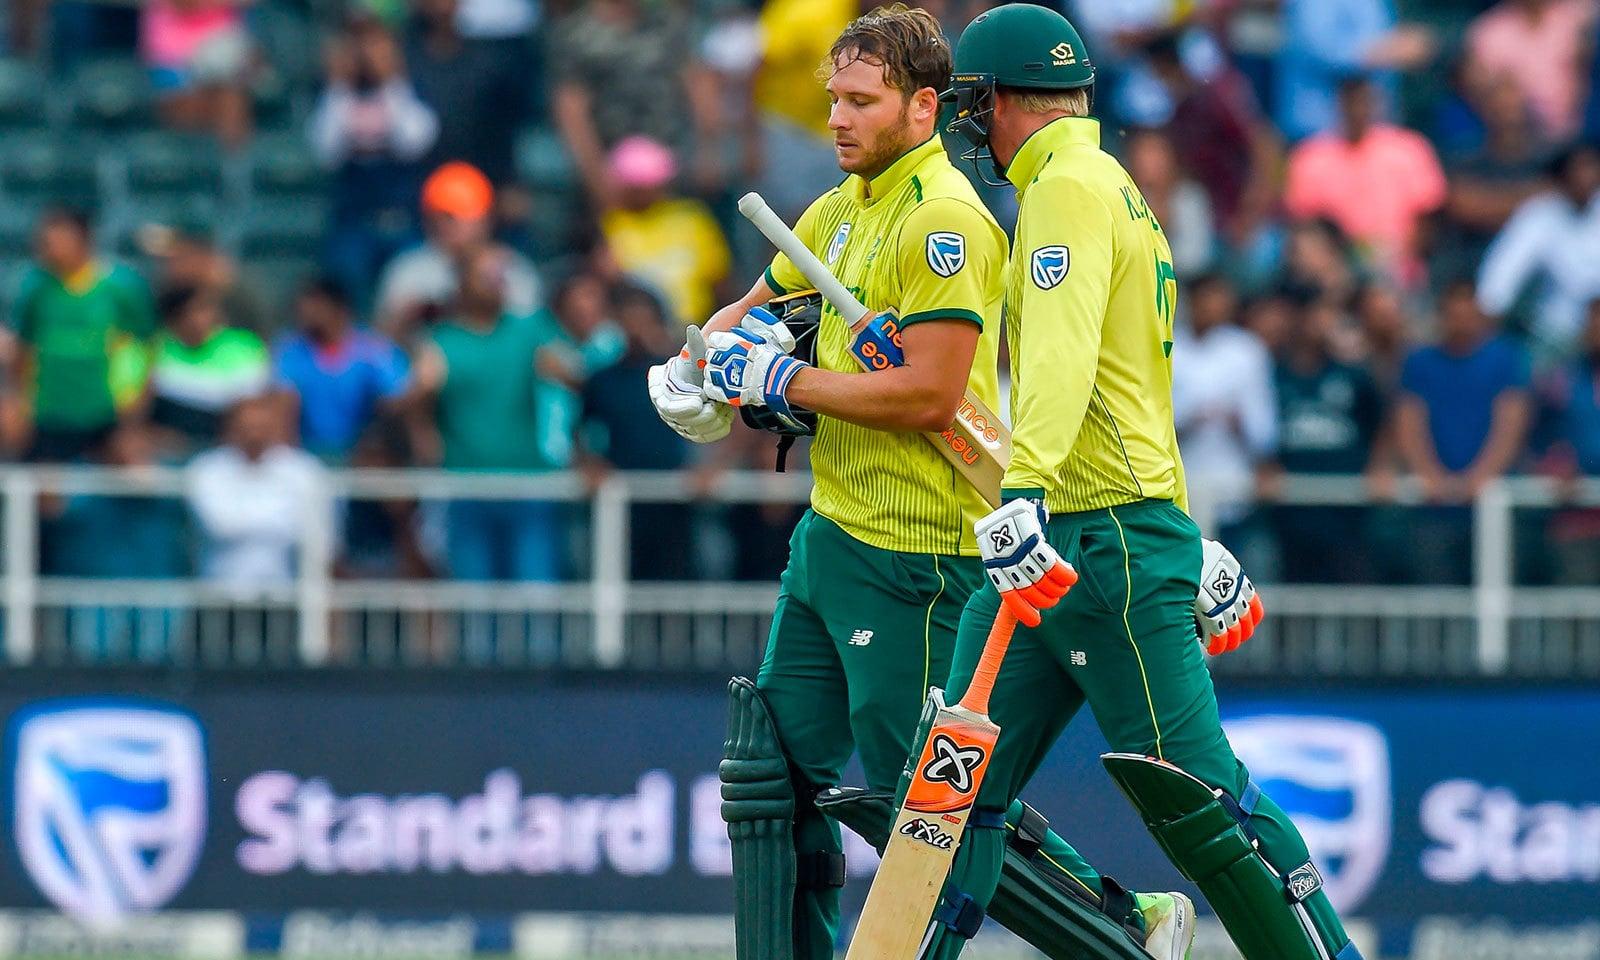 جنوبی افریقہ نے بارش کے بعد جارحانہ کھیل کا مظاہرہ کیا—فوٹو:اے ایف پی